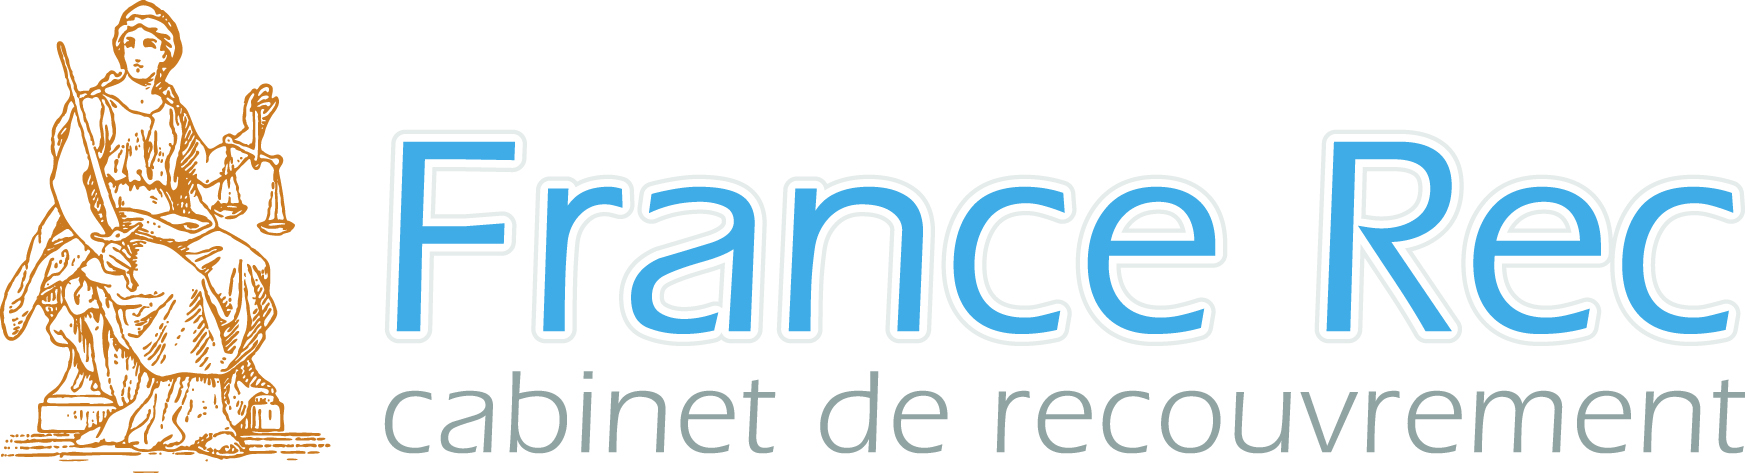 La d faillance d 39 entreprise france rec - Cabinet gref recouvrement ...